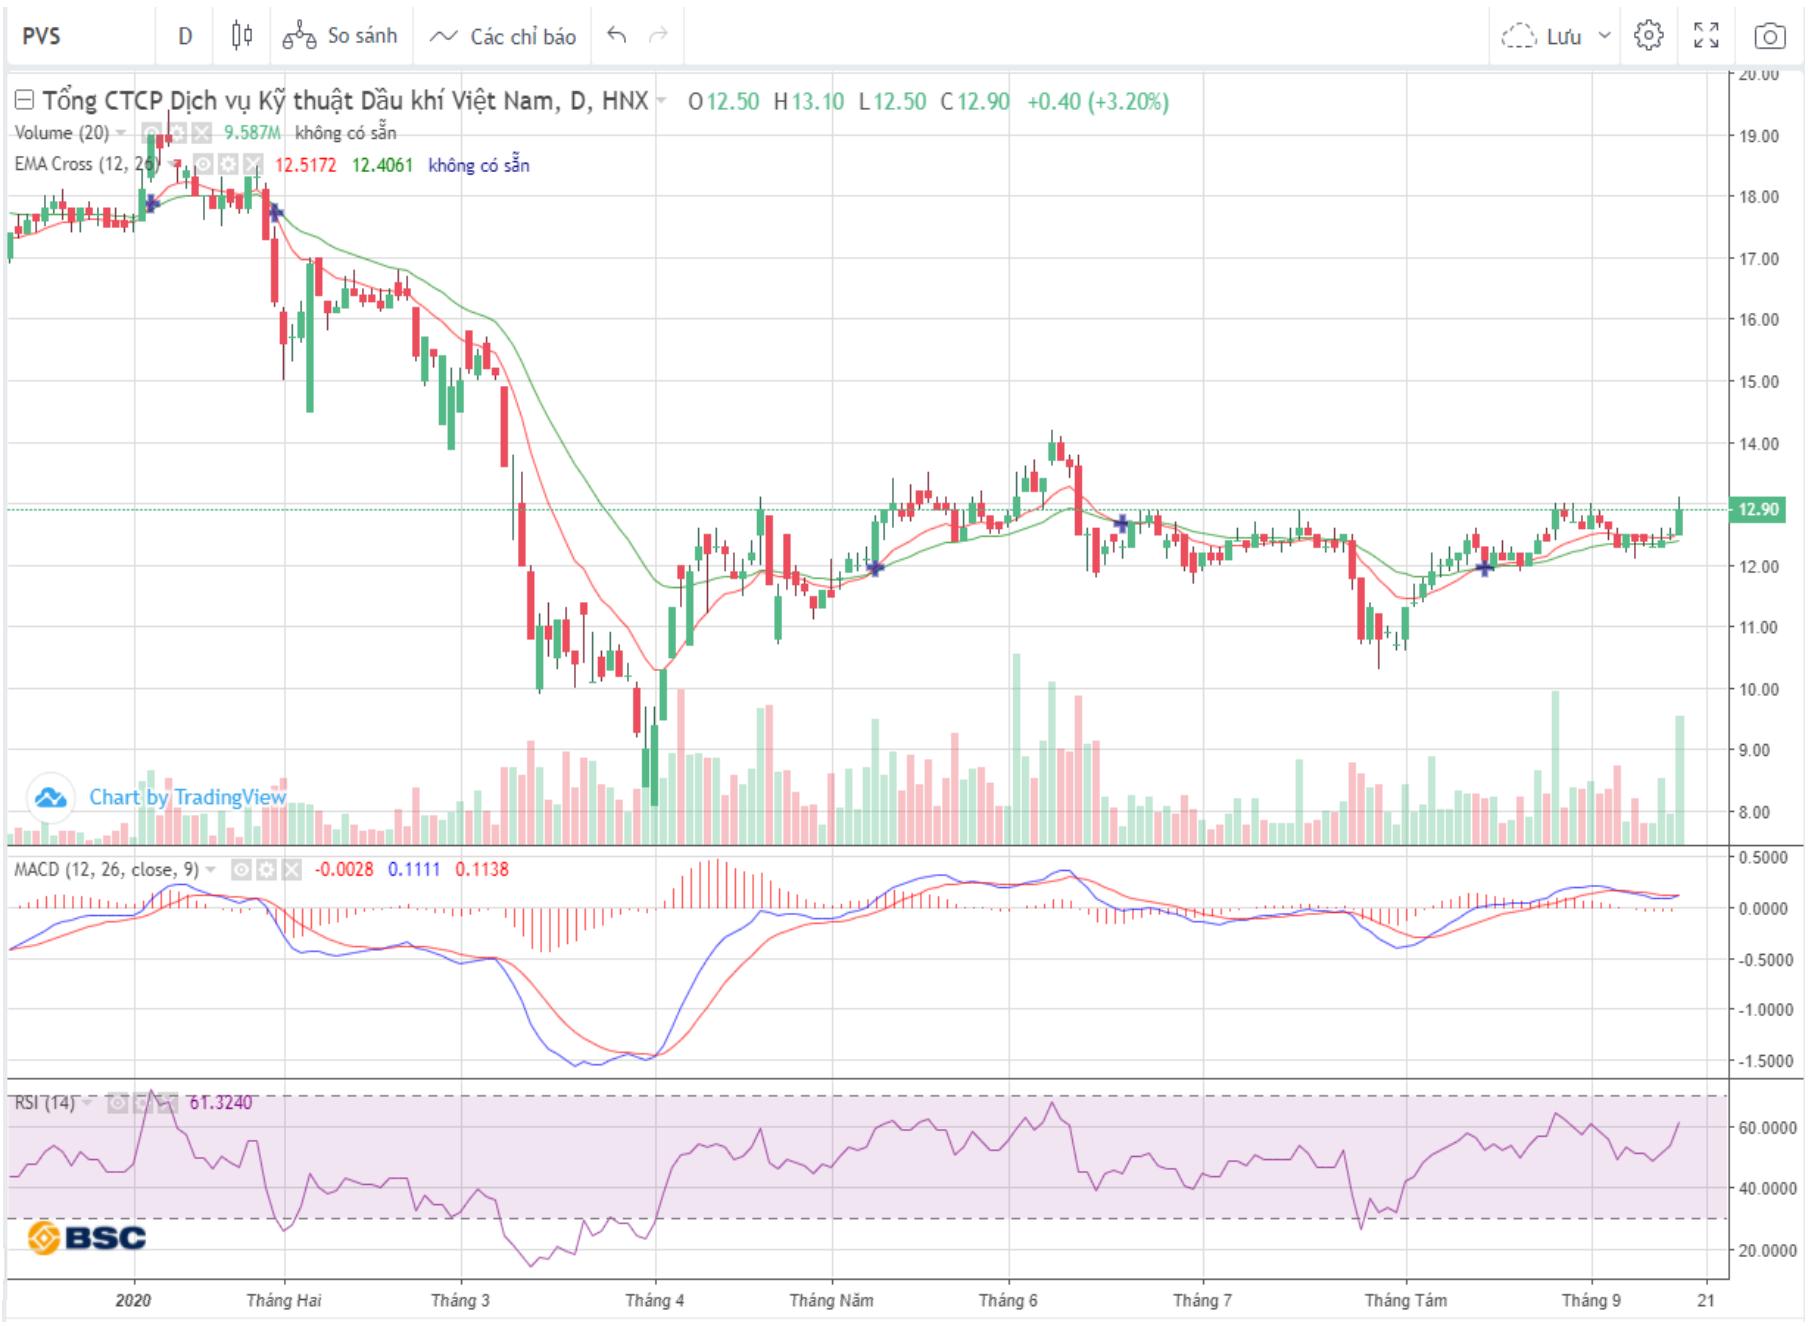 Cổ phiếu tâm điểm ngày 17/9: PVS, HSG, VHM - Ảnh 1.